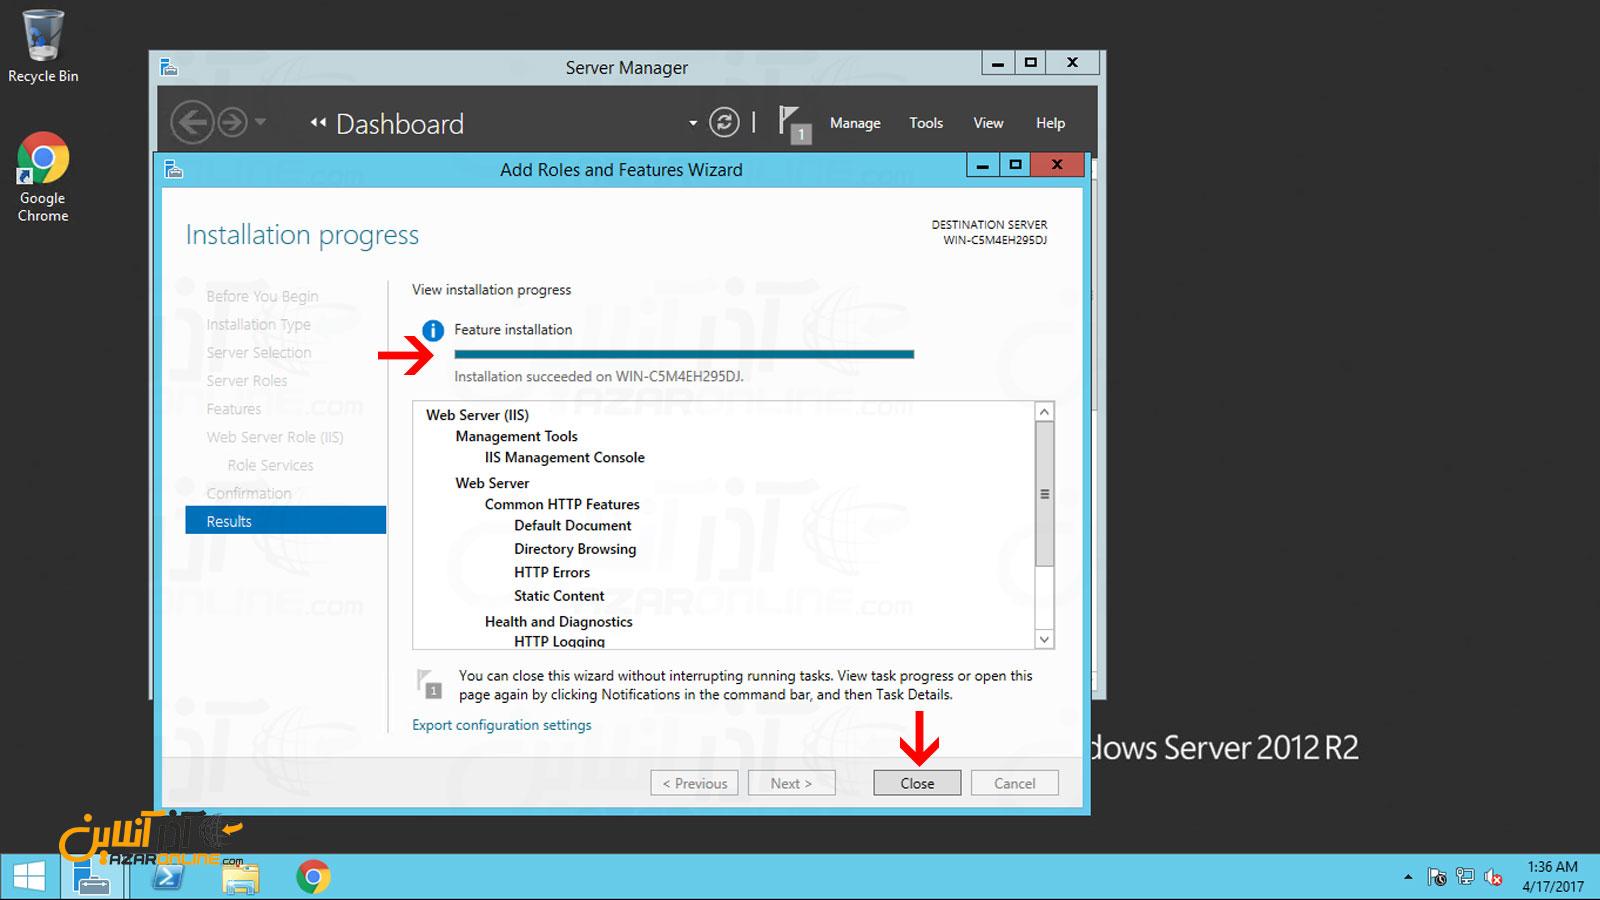 تاییدیه نصب رول Web server با کامپوننت های IIS